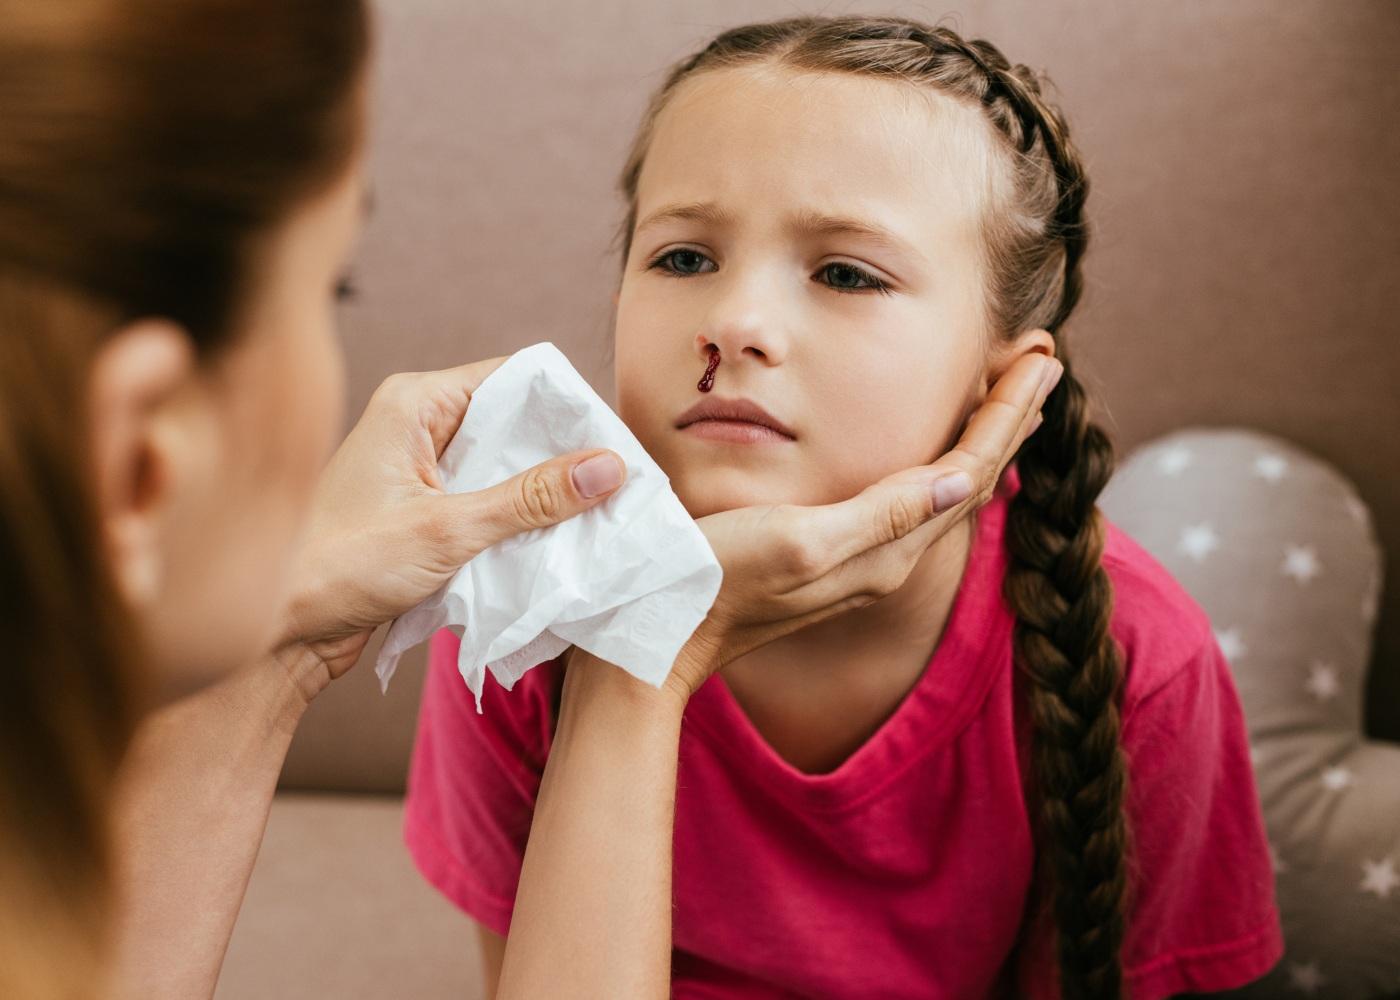 criança a sangrar do nariz